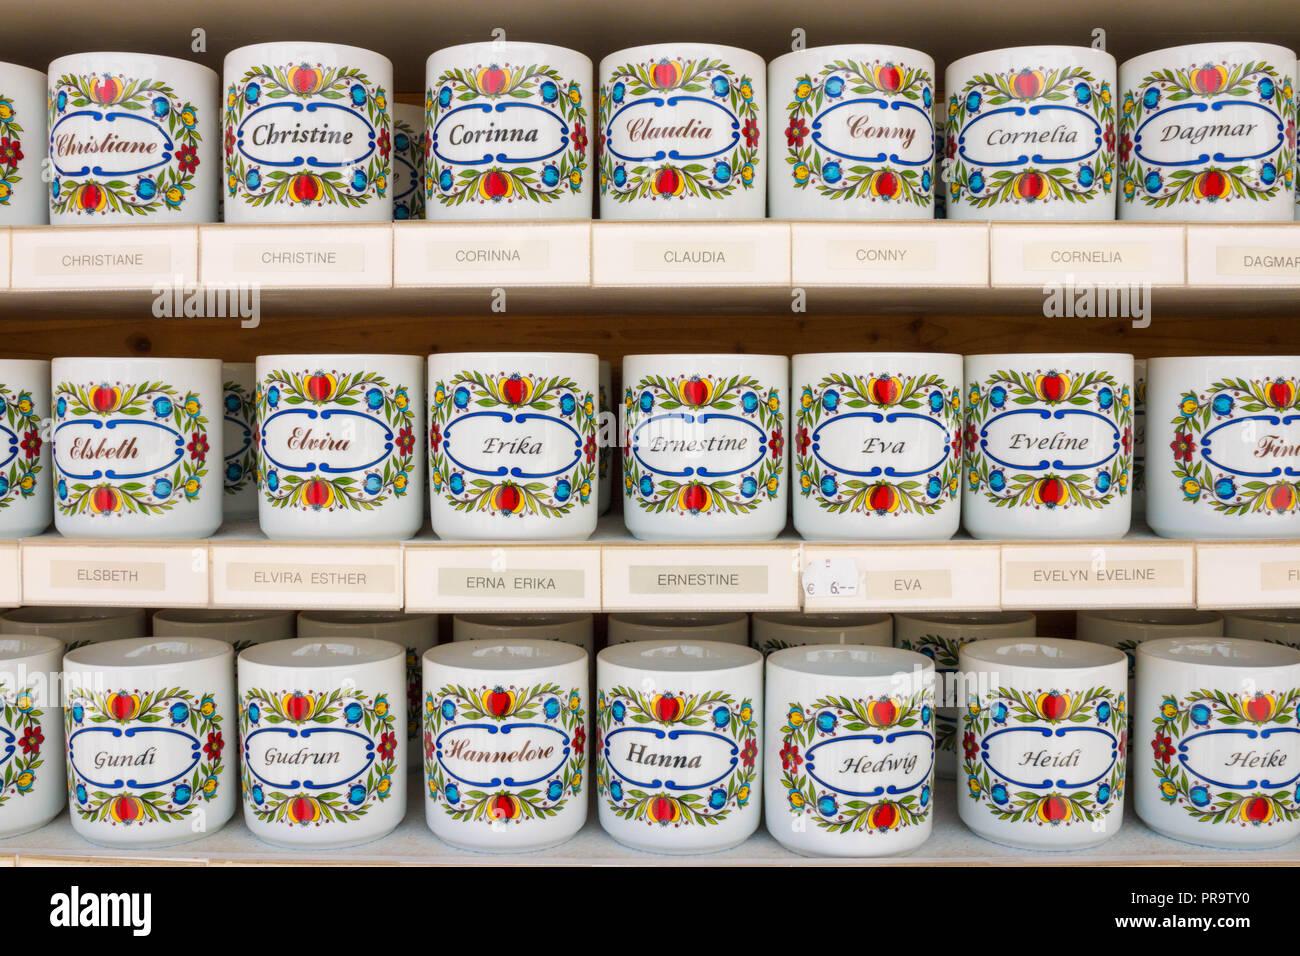 St., Austria - Mayo 22, 2017: tazas de té personalizadas con nombres femeninos en ellos para la venta en una tienda de souvenirs. Imagen De Stock